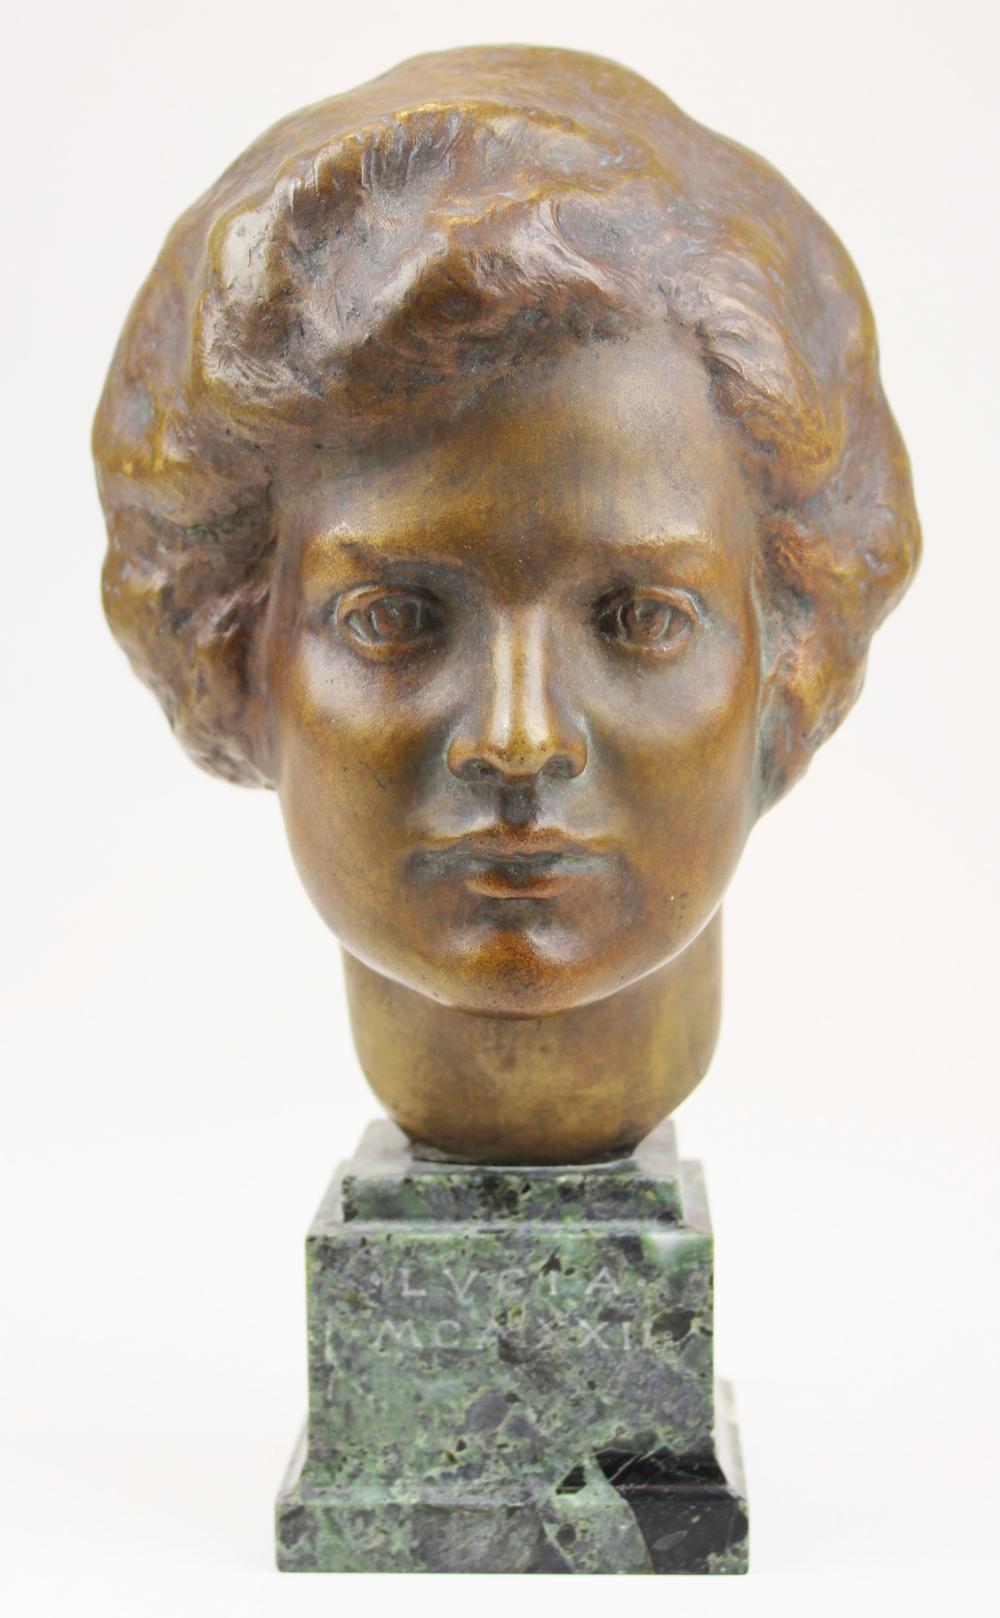 1932 bronze bust signed T Jones